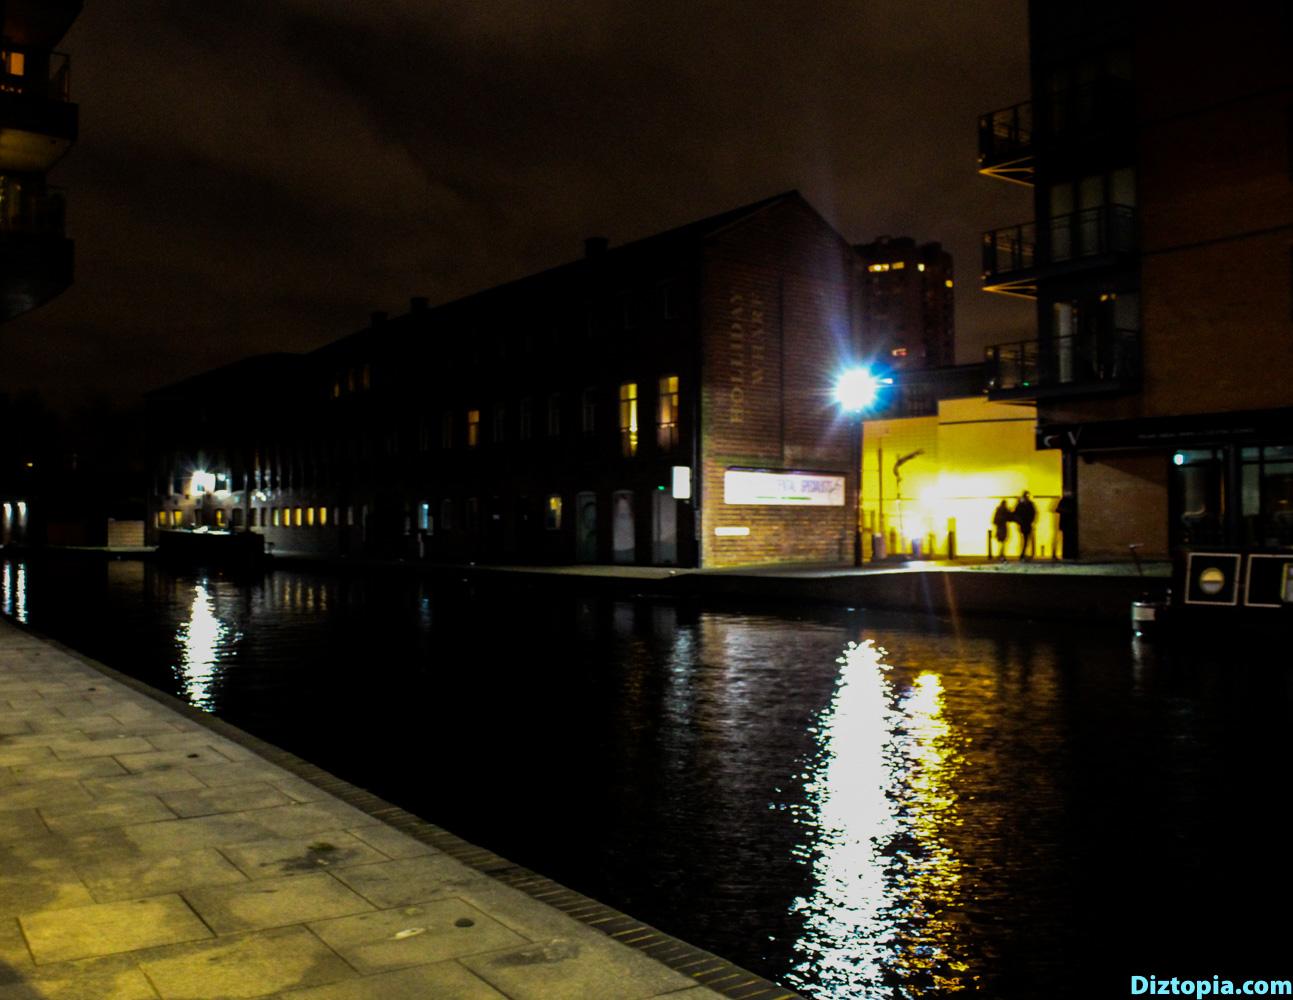 Birmingham-Canal-City-Diztopia-Photography-Night-Dizma-Dahl-China-Town-UK-Blog-16